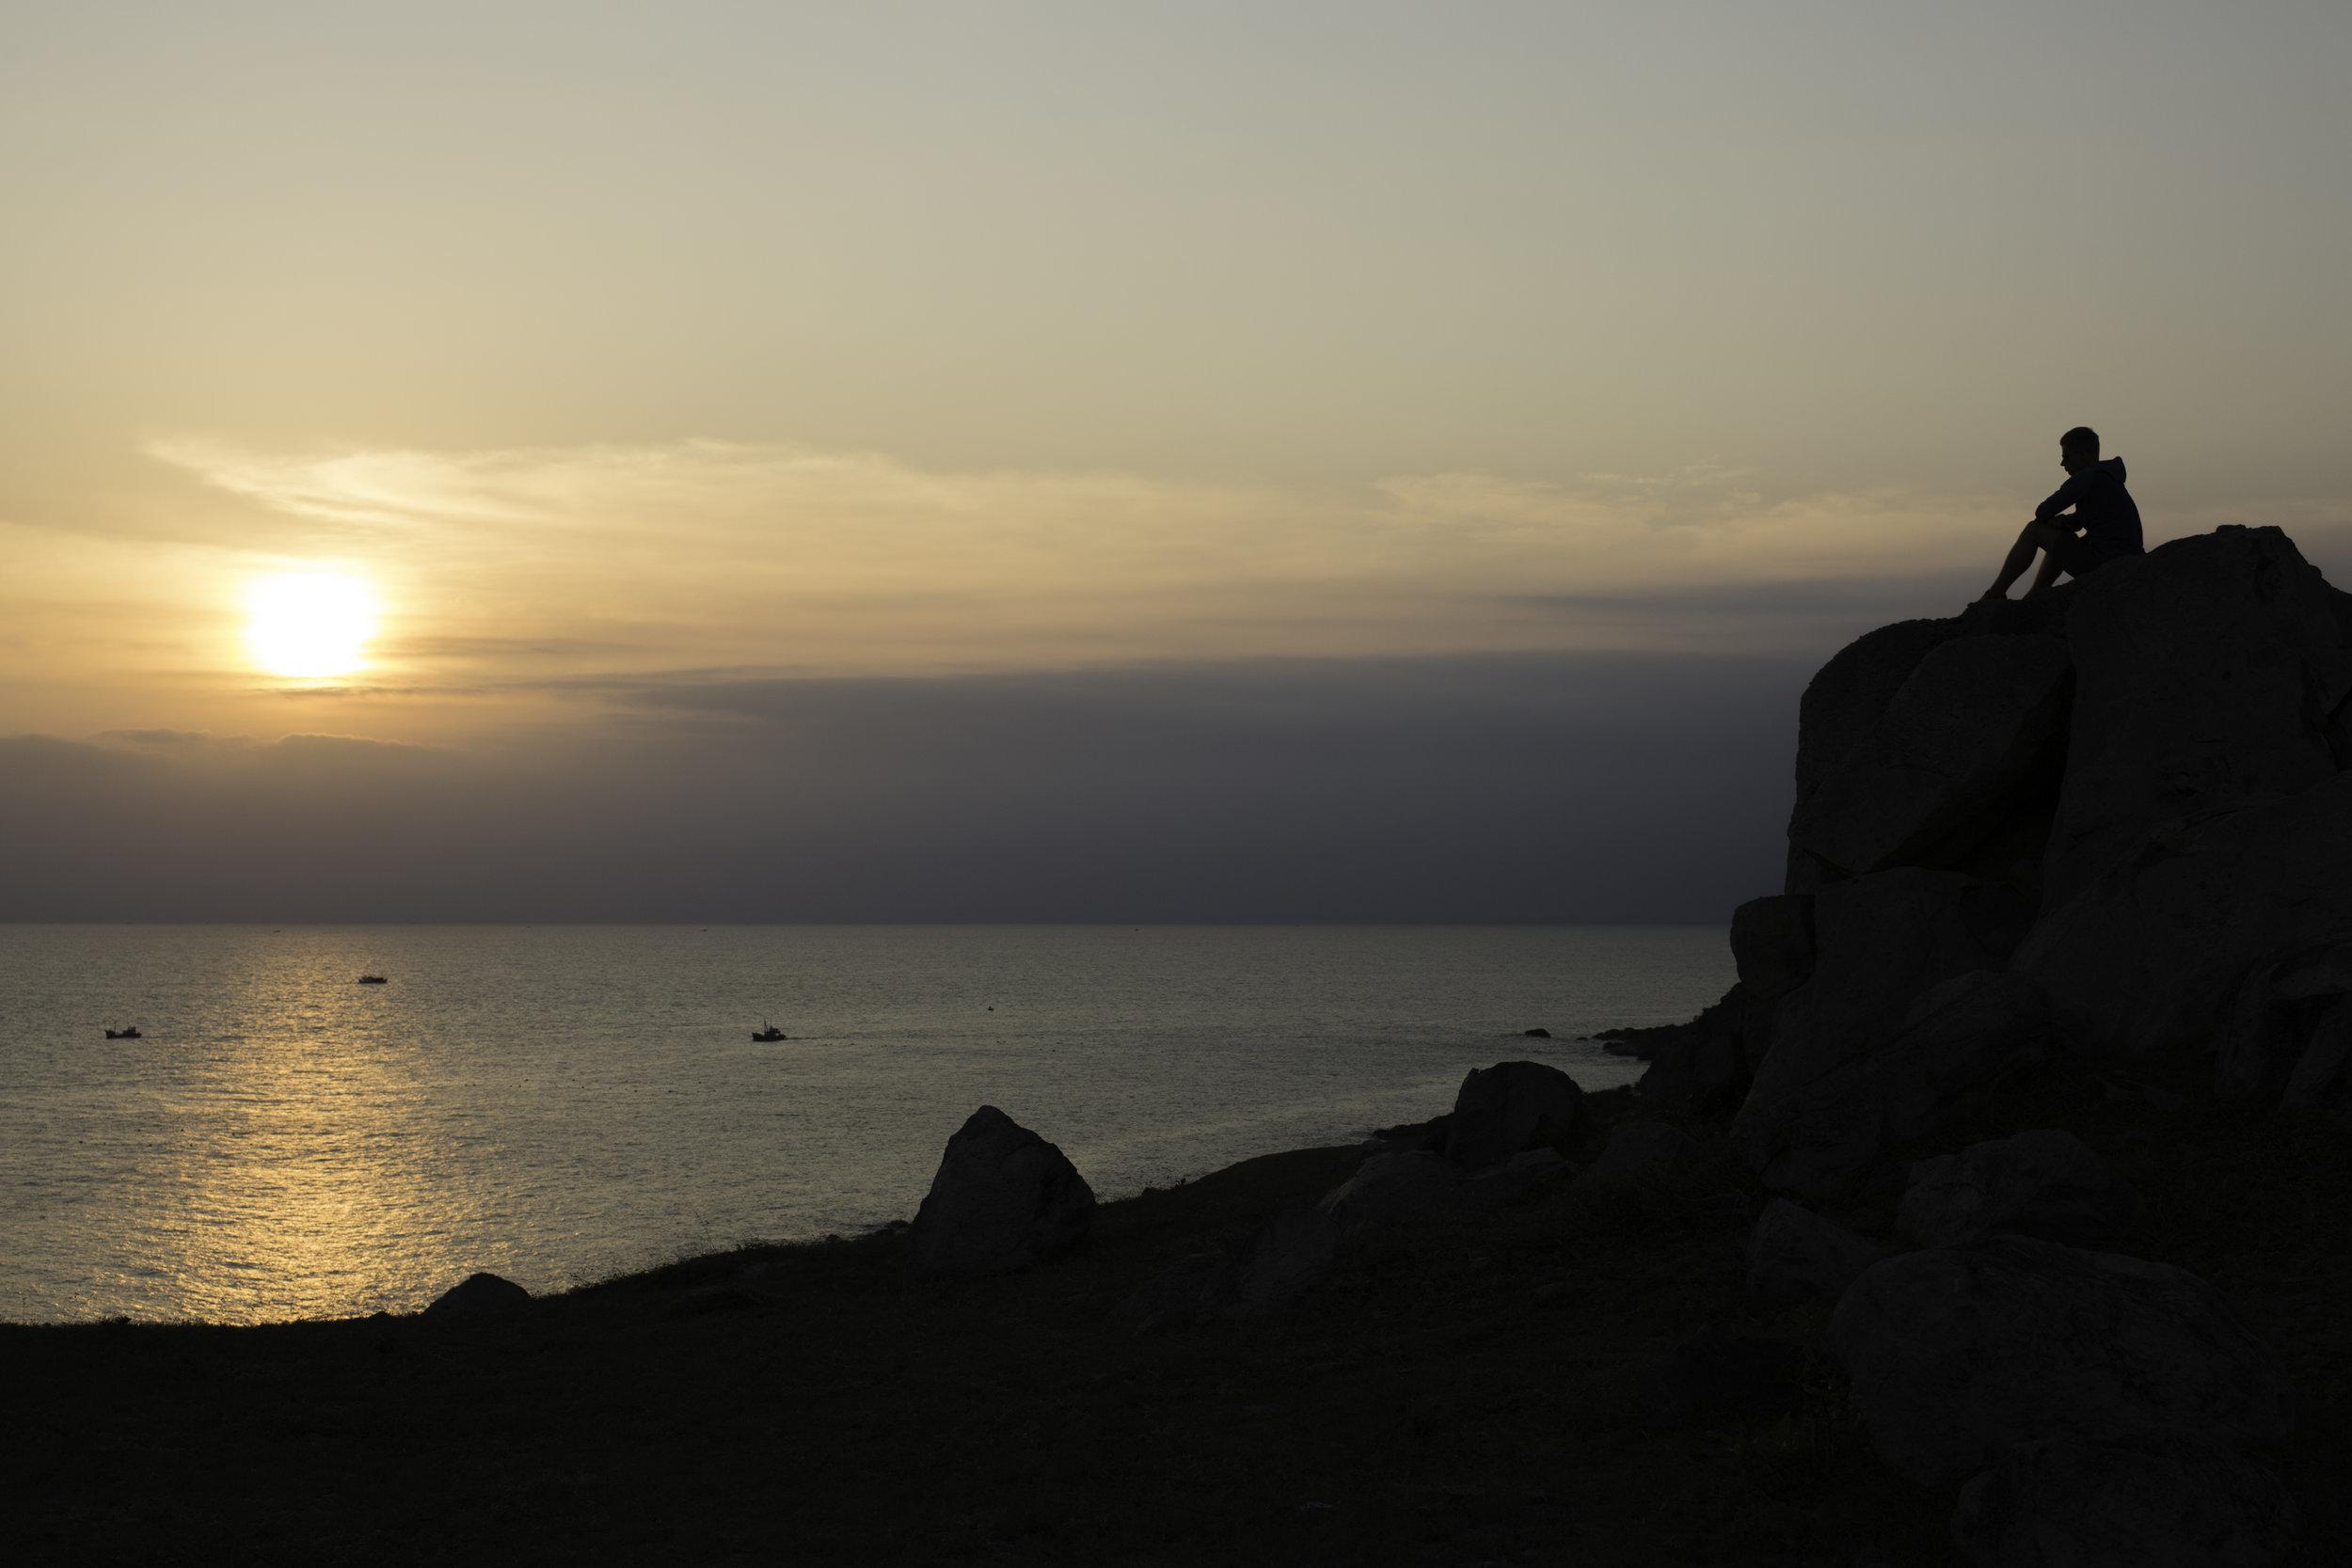 Sunsets were always good